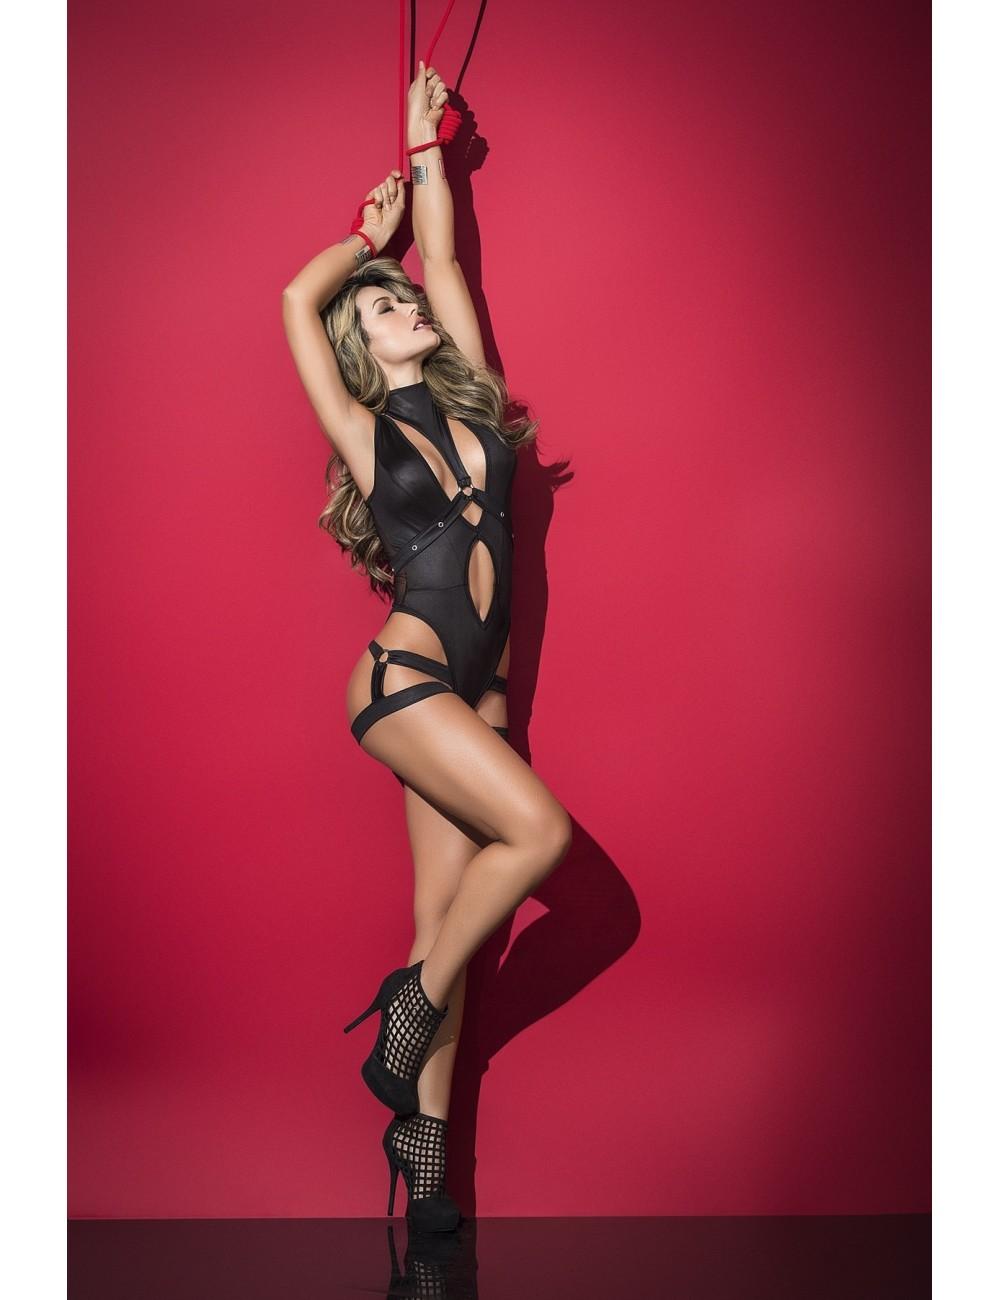 Lingerie - Bodys - Body à effet humide semi-transparente noire et ouverture nombril Style 2500 - Mapalé